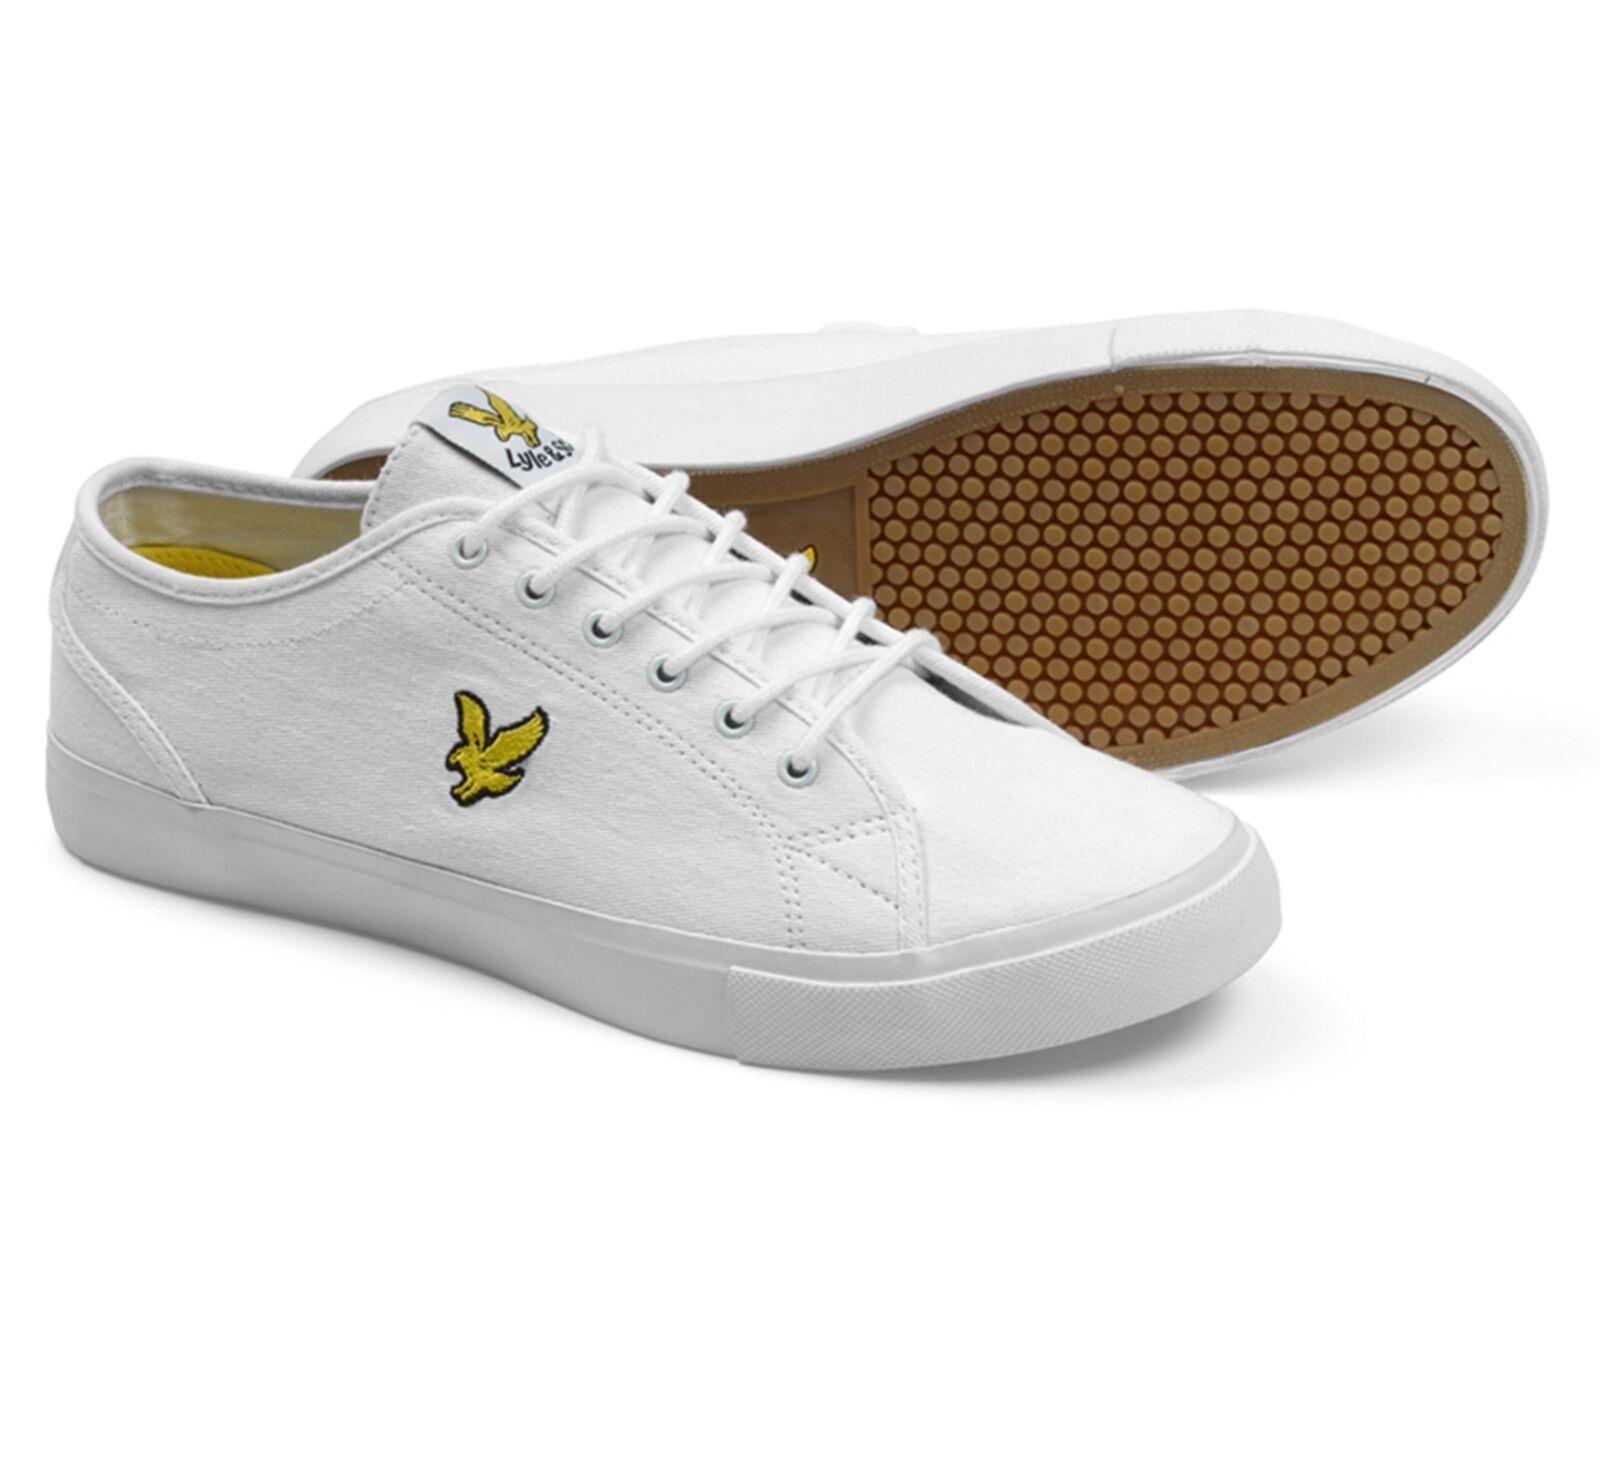 Casual salvaje Lyle & Scott Teviot twill de moda de lona Eagle Plimsolls Zapatos Entrenadores Blanco